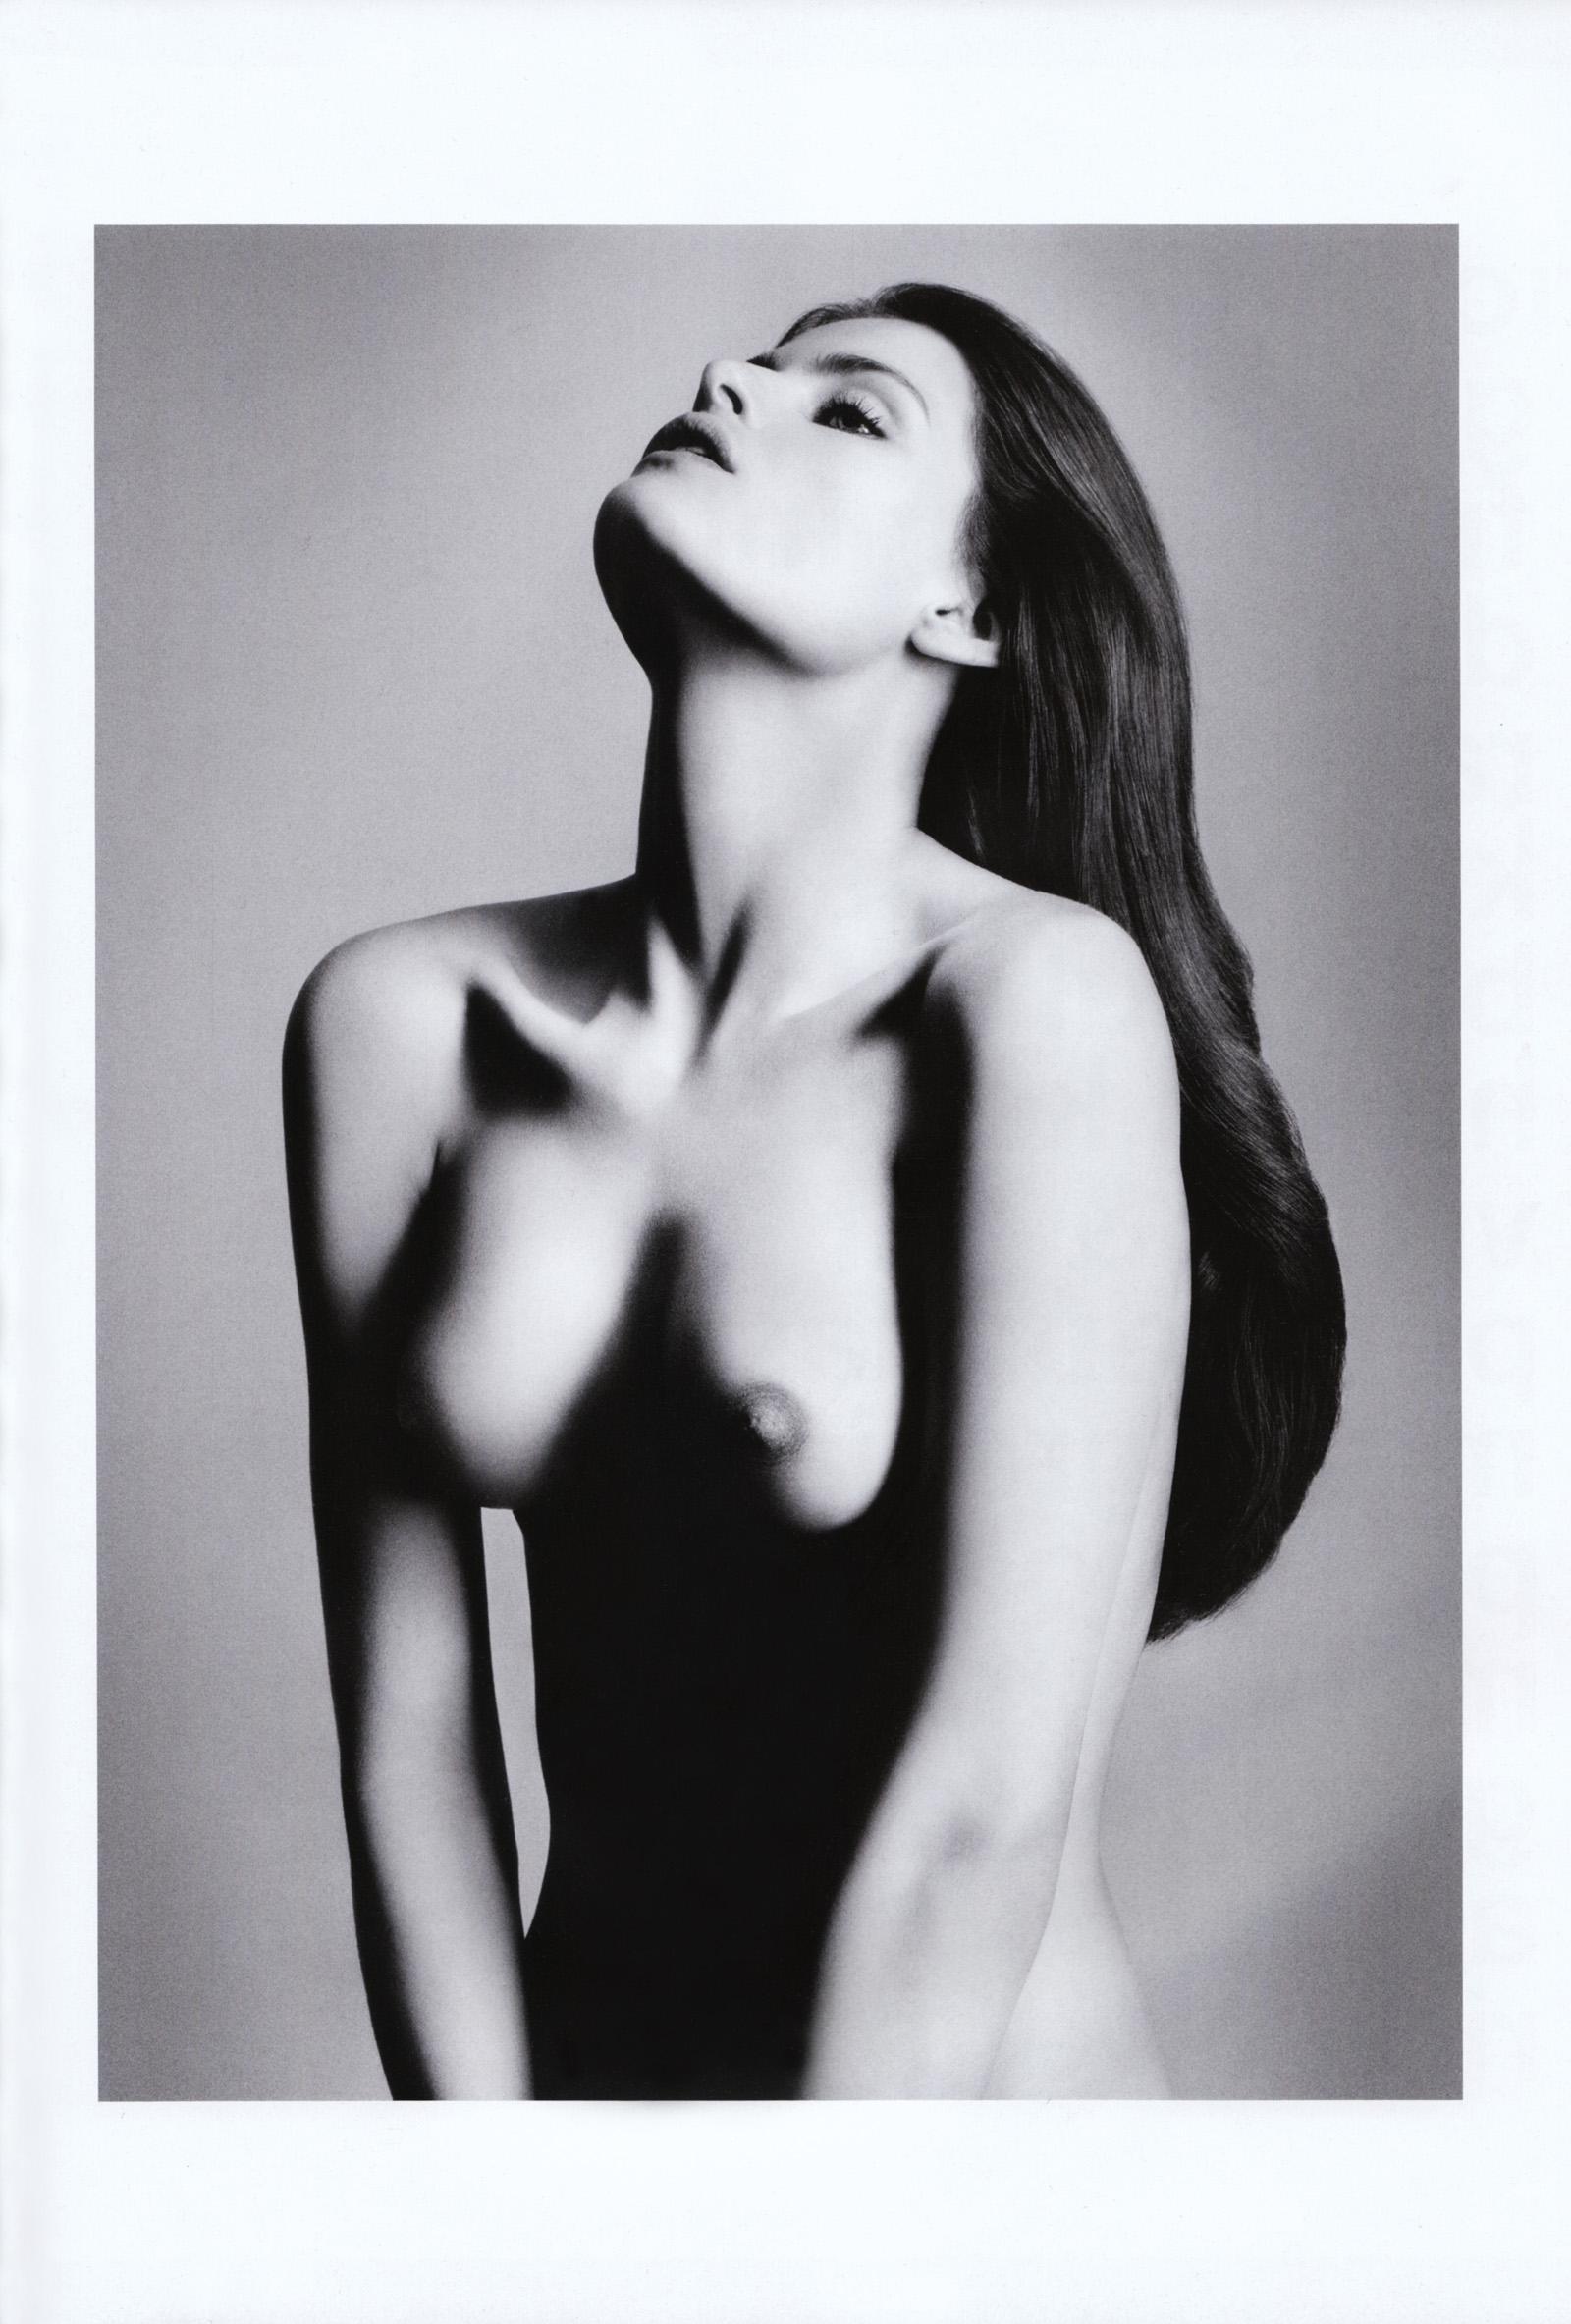 Isabeli fontana nude and topless photos